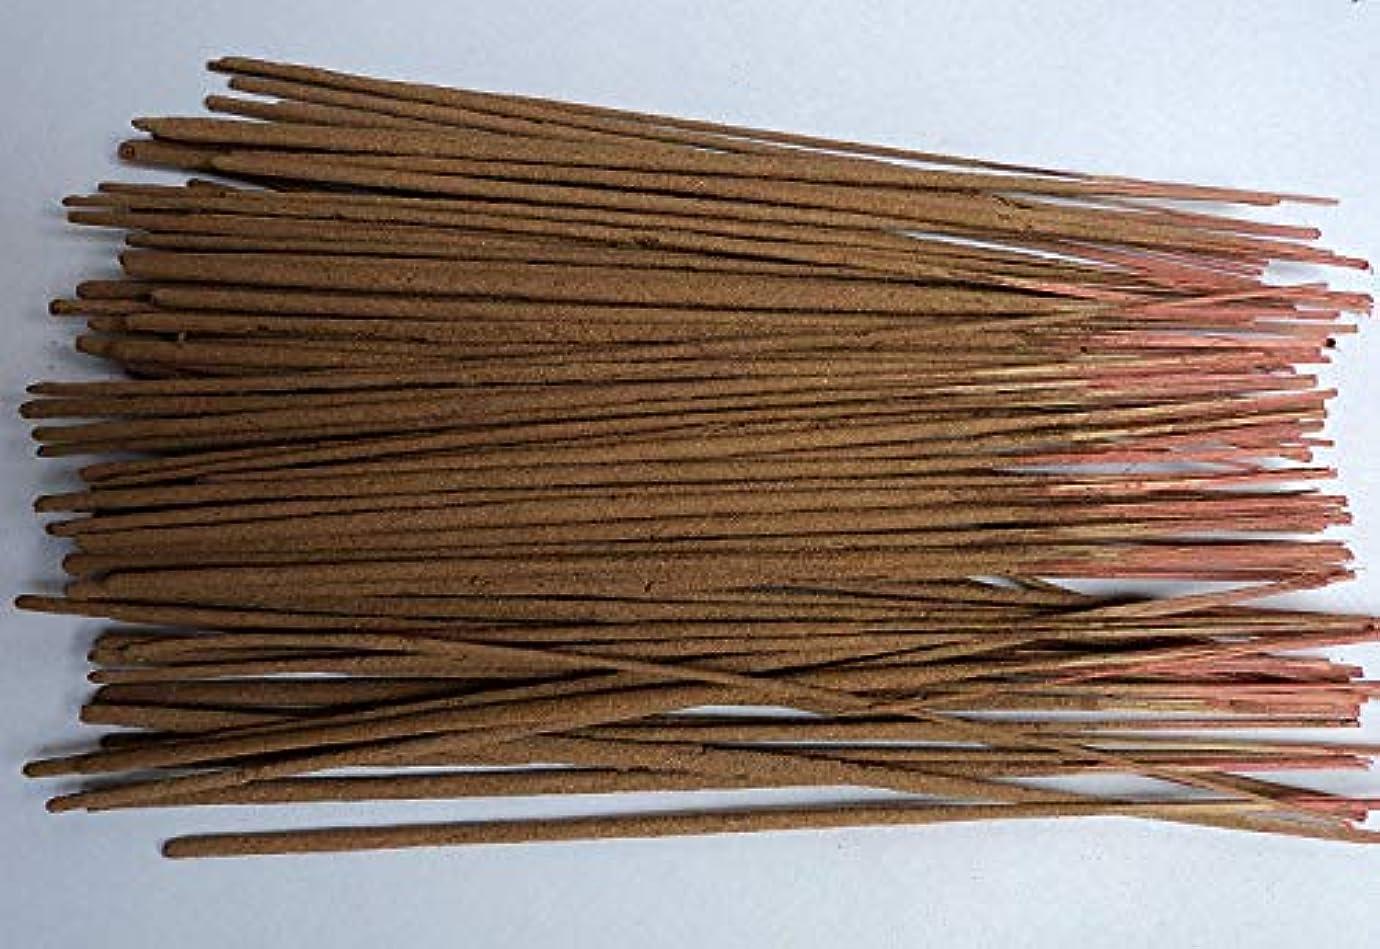 なんでも証明書ライナーPure Source India Highly Scented Vanilla Agarbatti Pack of 100 Pcs Coming with One Wooden Incense Holder .(Vanilla Incense Sticks Pack of 100)